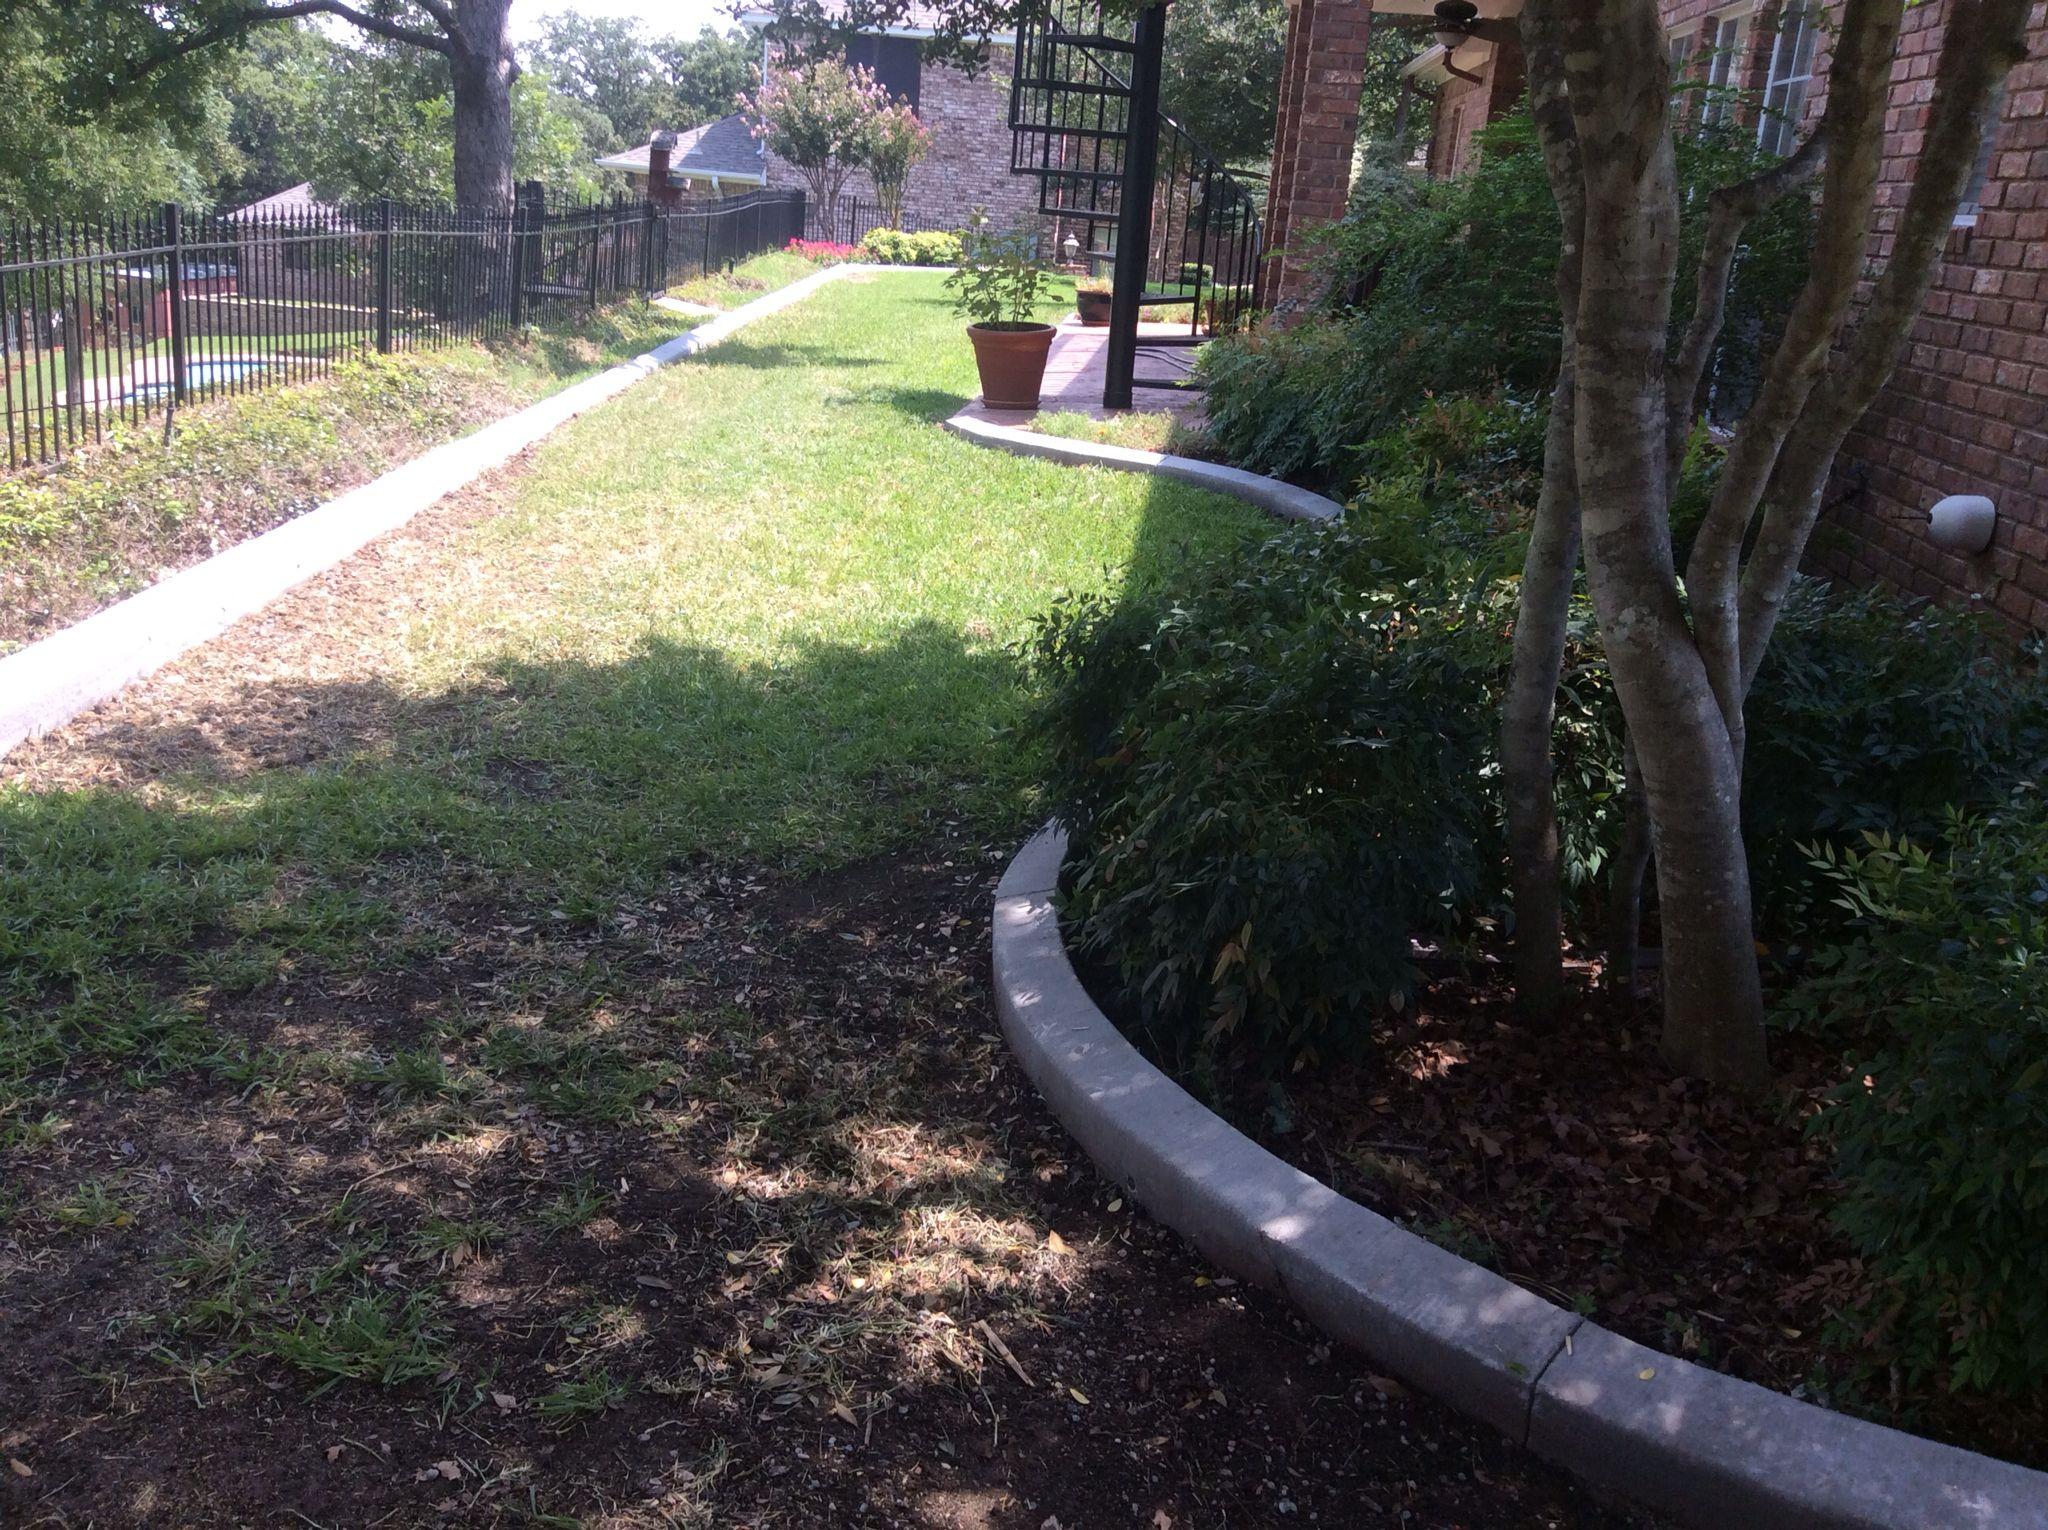 GroundScape installed a concrete curb. Landscape design